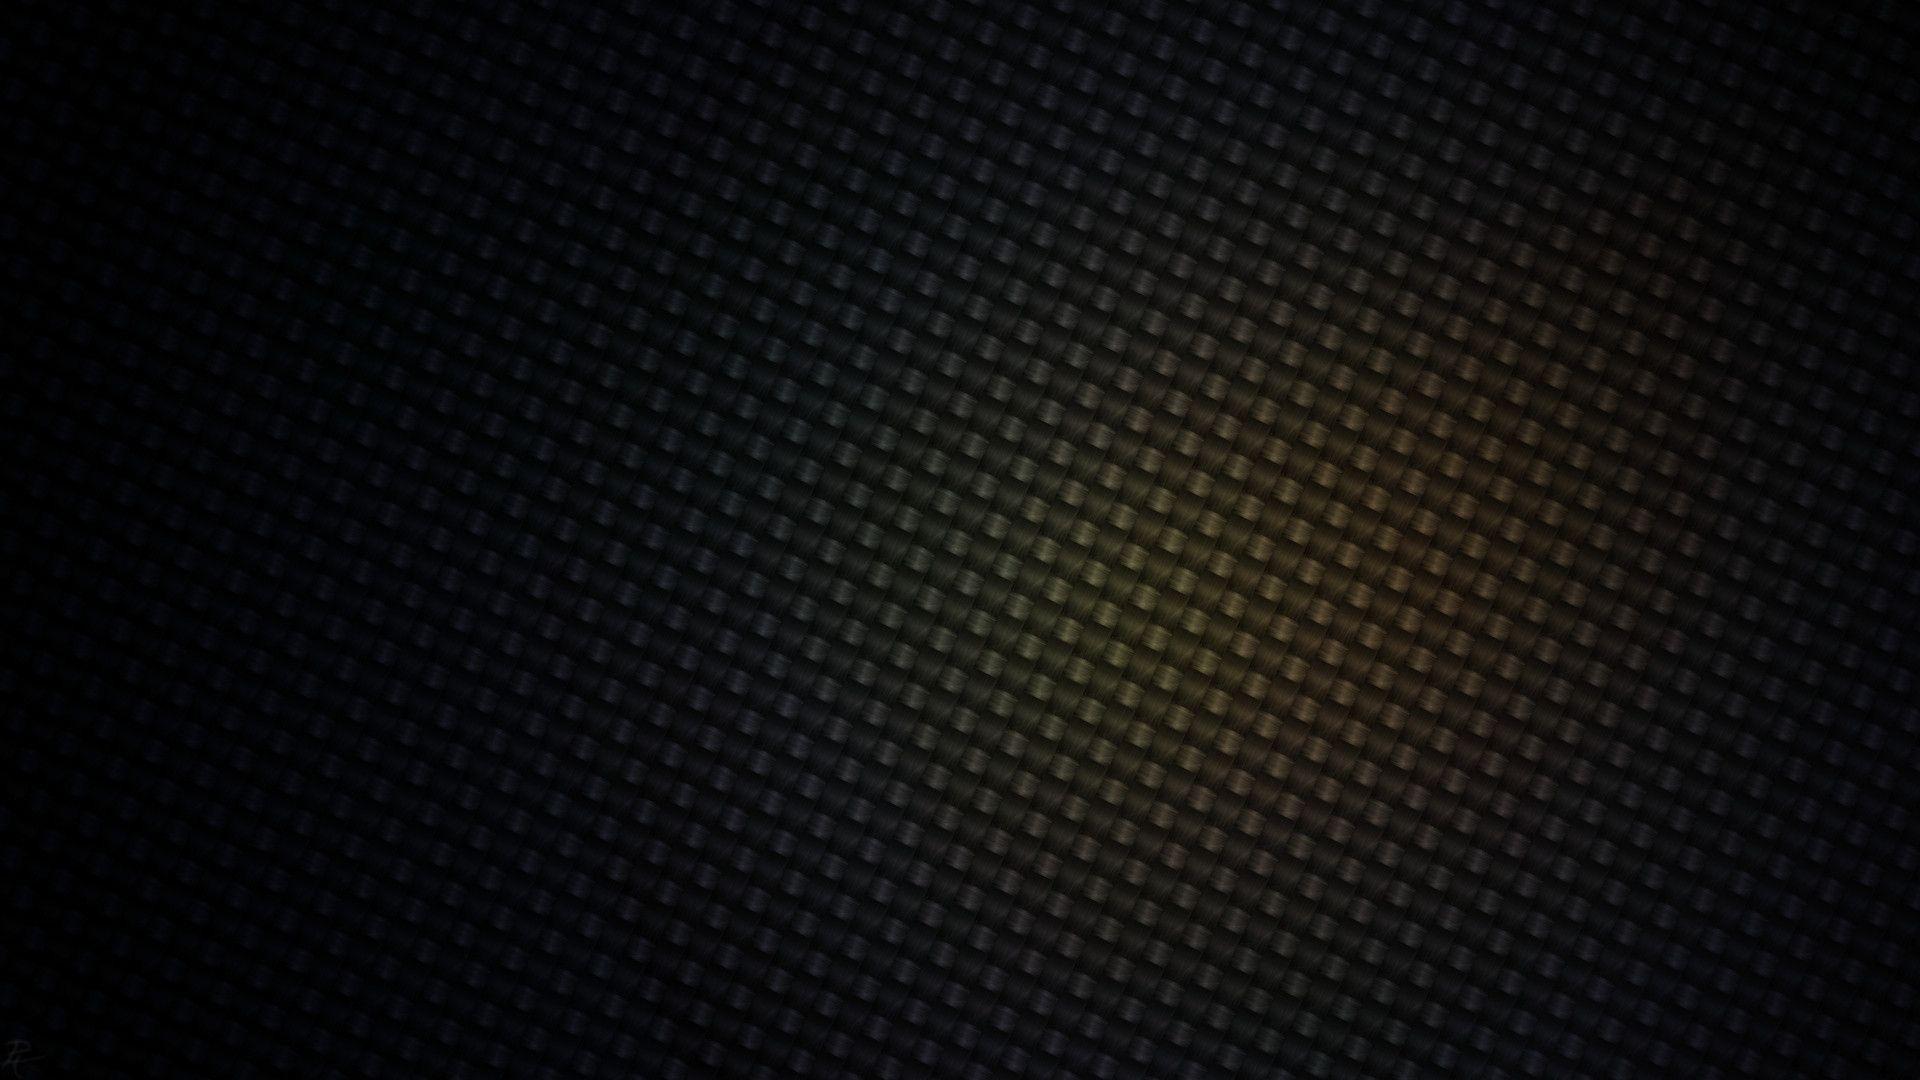 Carbon Fiber WallPaper HD – IMASHON.